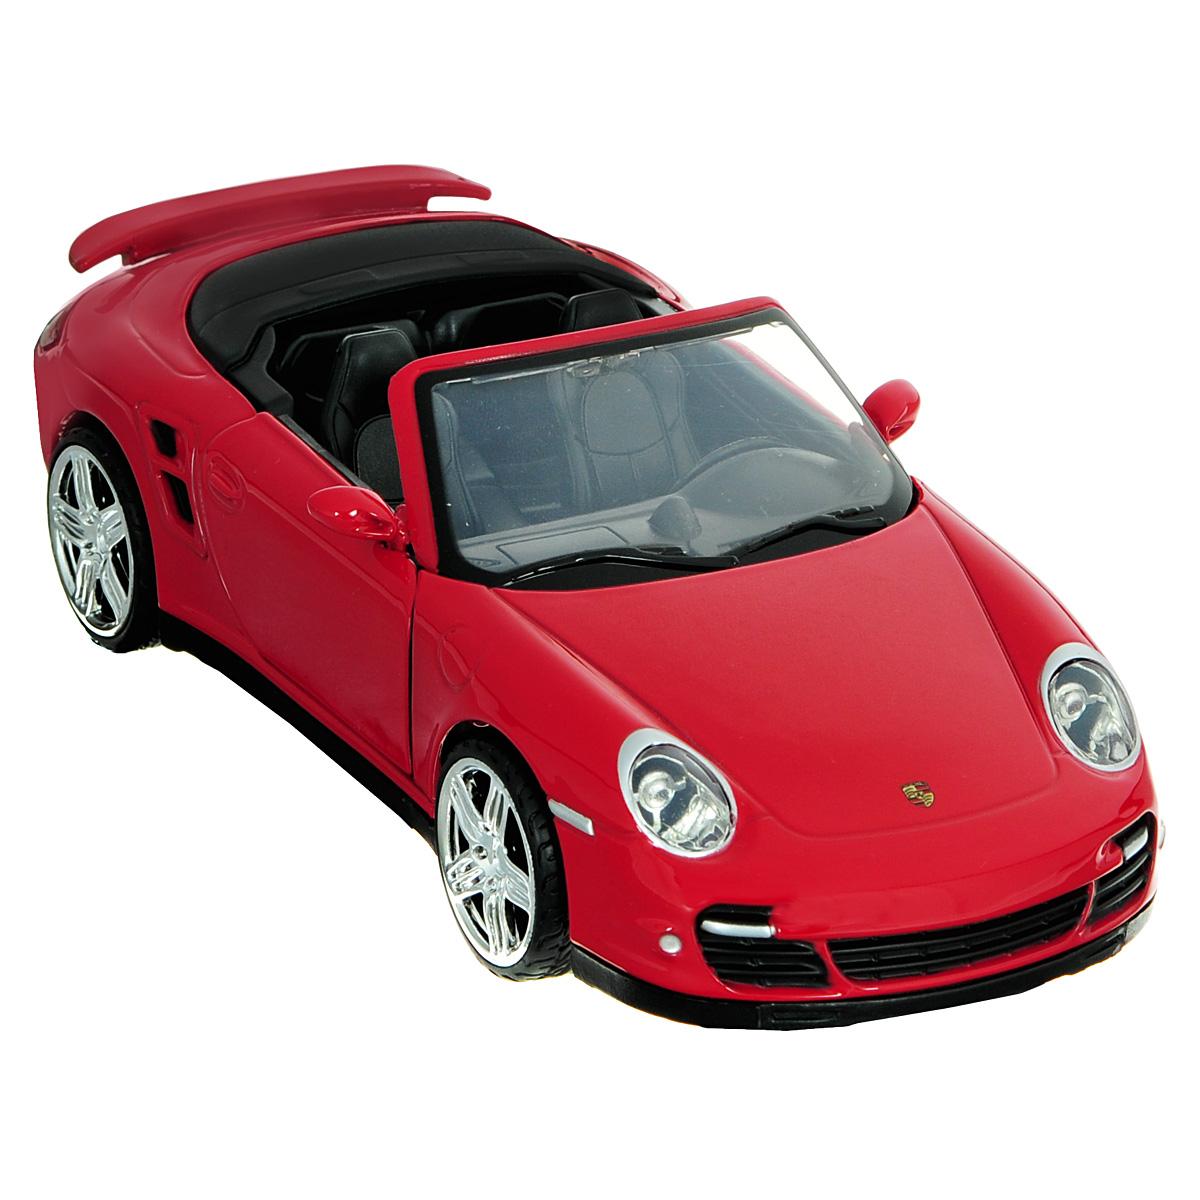 Коллекционная модель MotorMax Porsche 911 Turbo Cabriolet, цвет: красный. Масштаб 1/24 motormax трансформирующийся в аэропорт